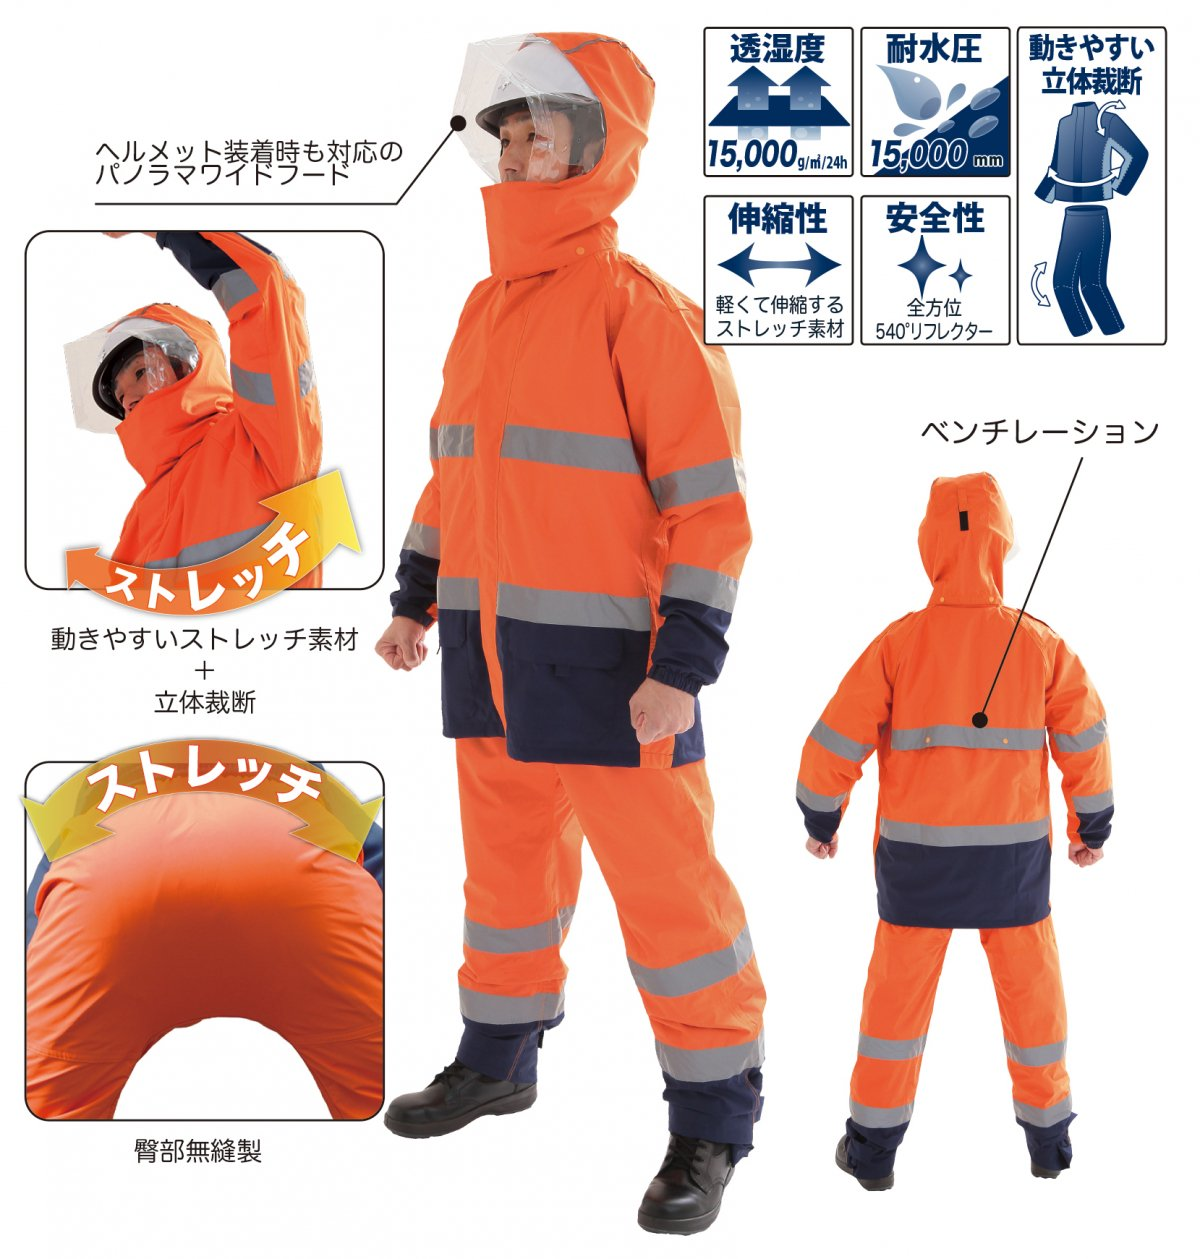 スパーダ ストレッチレイン(消防レインウェア カッパ 雨衣)【画像7】